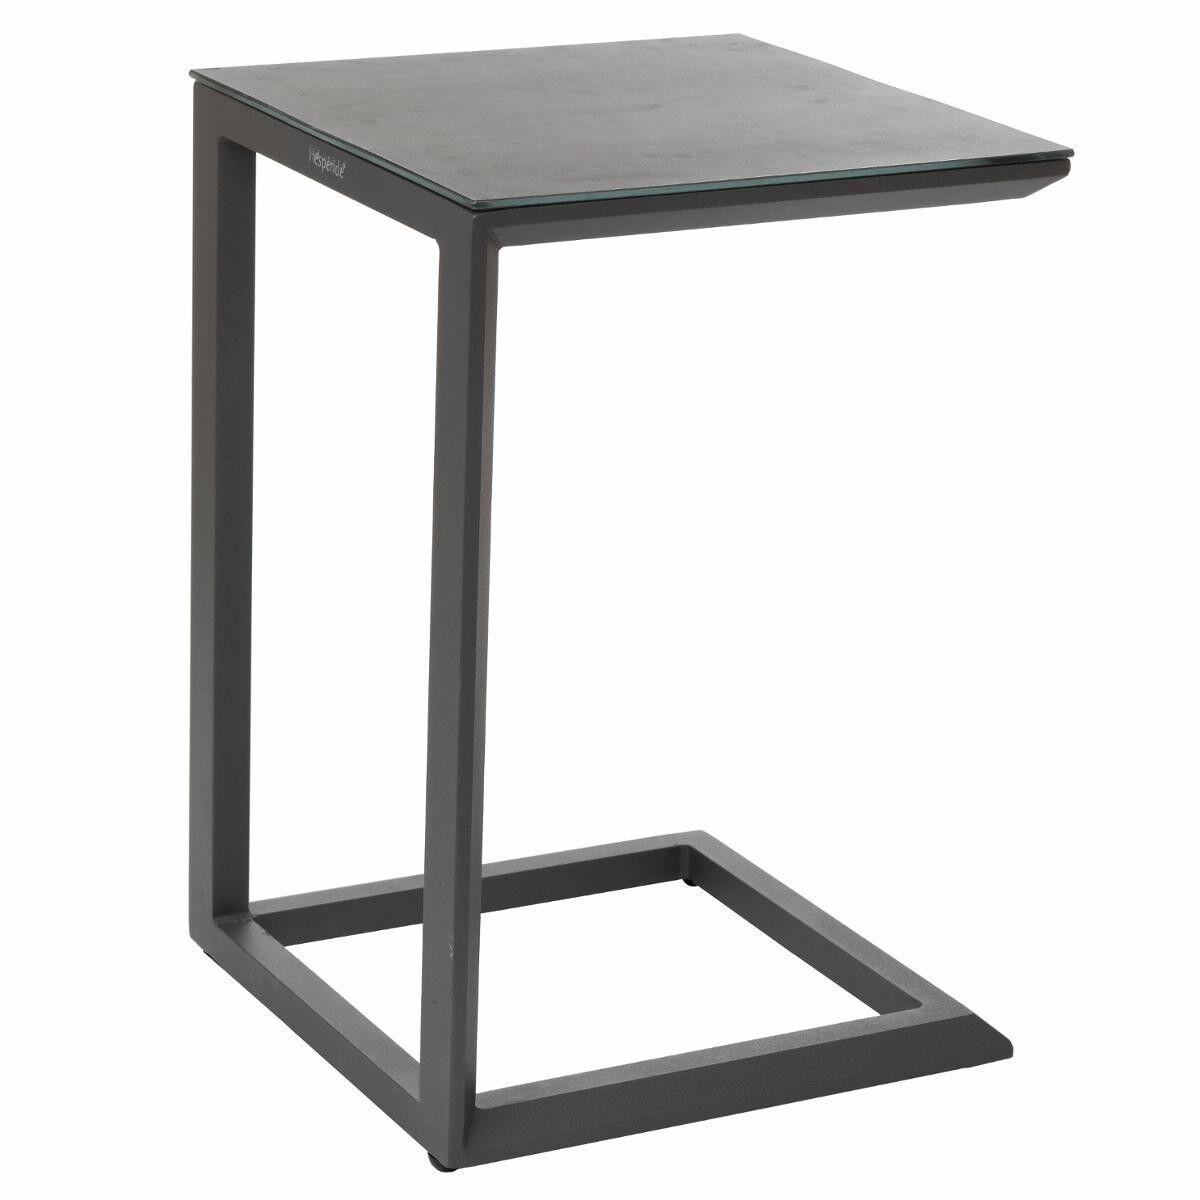 Hespéride Table d'appoint de jardin carrée Évasion Gris roc   Graphite 38 x 38 x 56,5 cm -Aluminium traité époxy, Verre trempé revêtement céramique